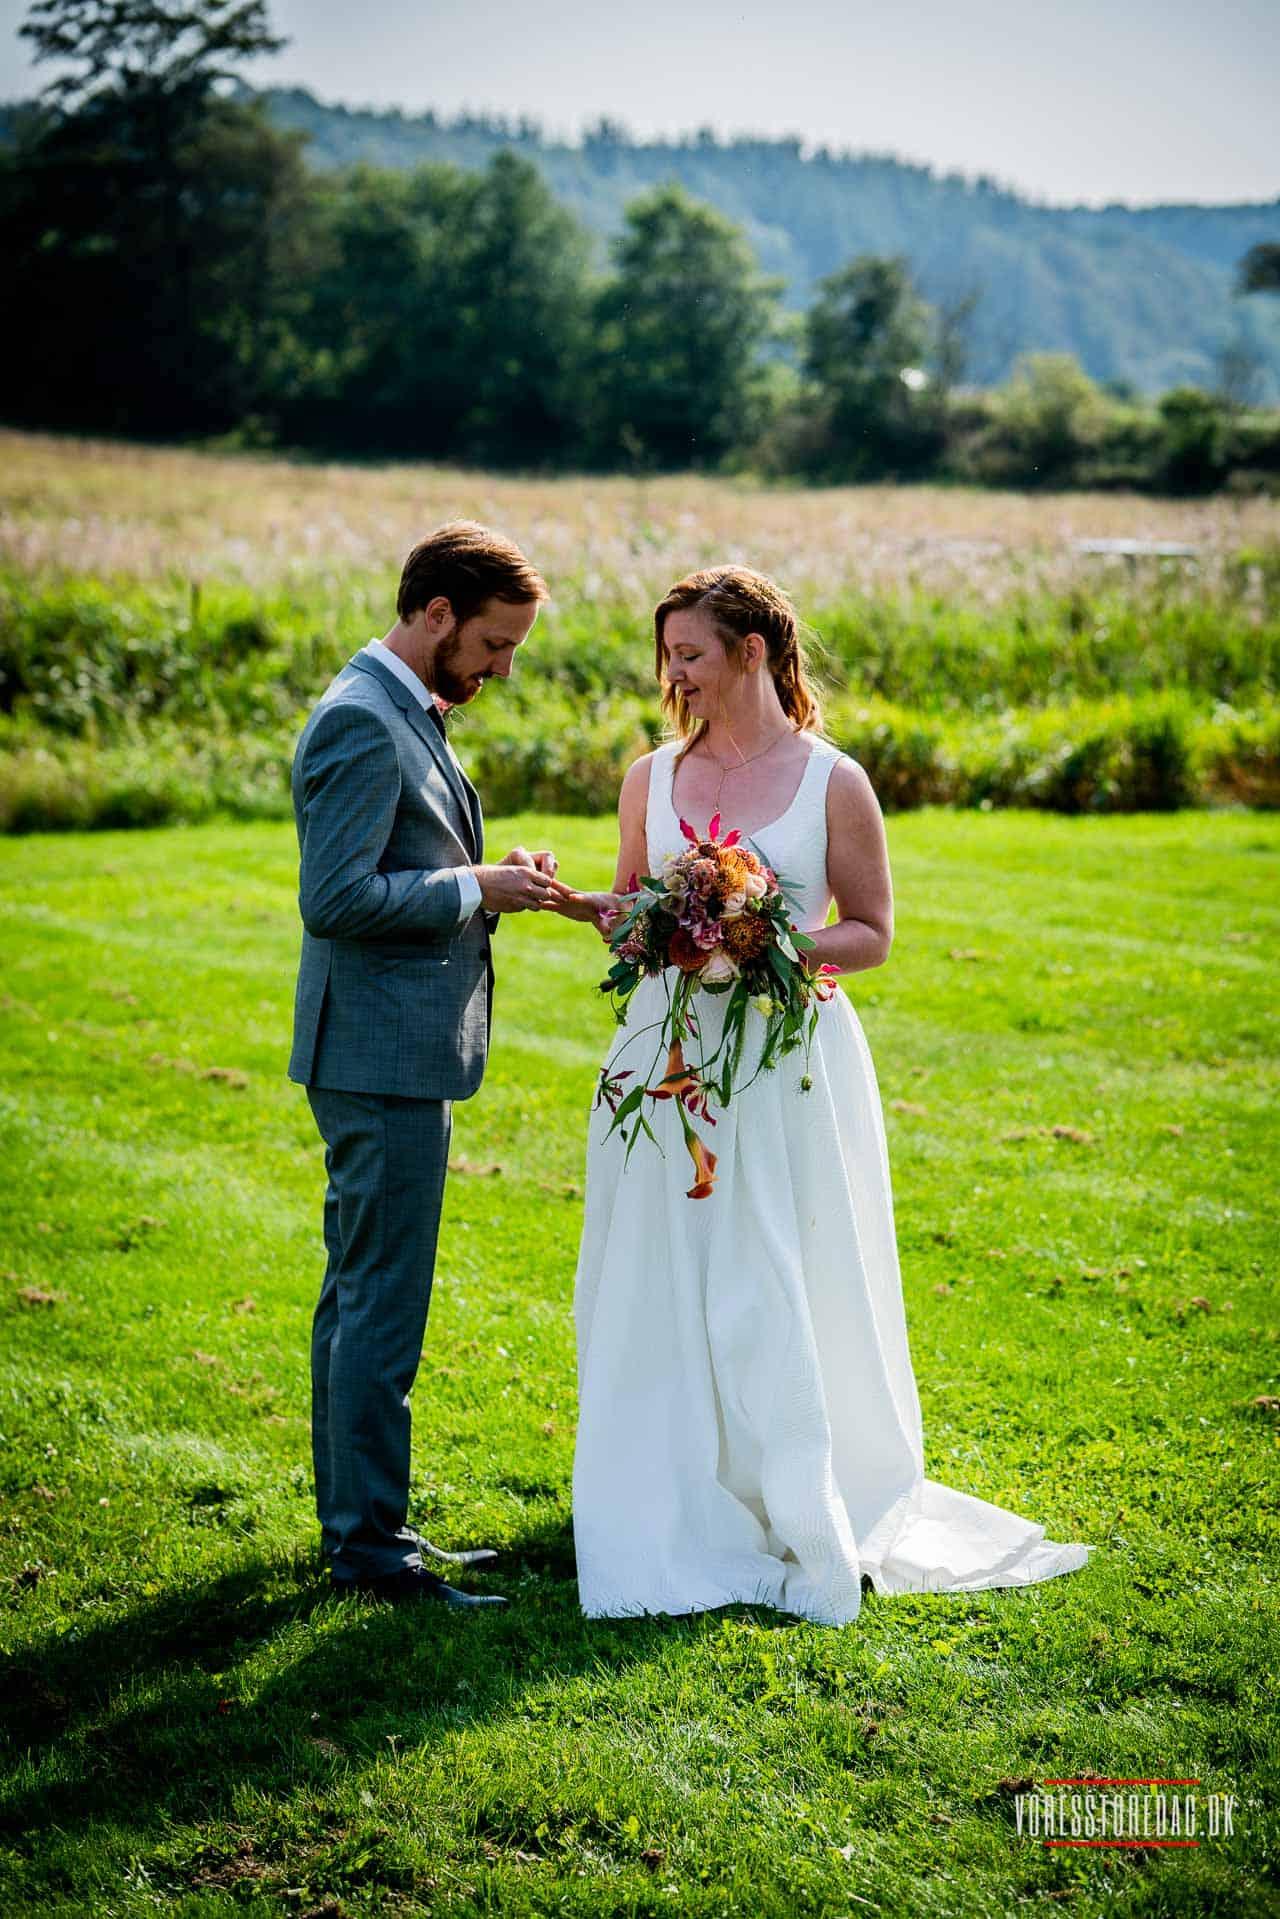 Bryllupsfotograf - Fotograf Vejle, Kolding og Fredericia